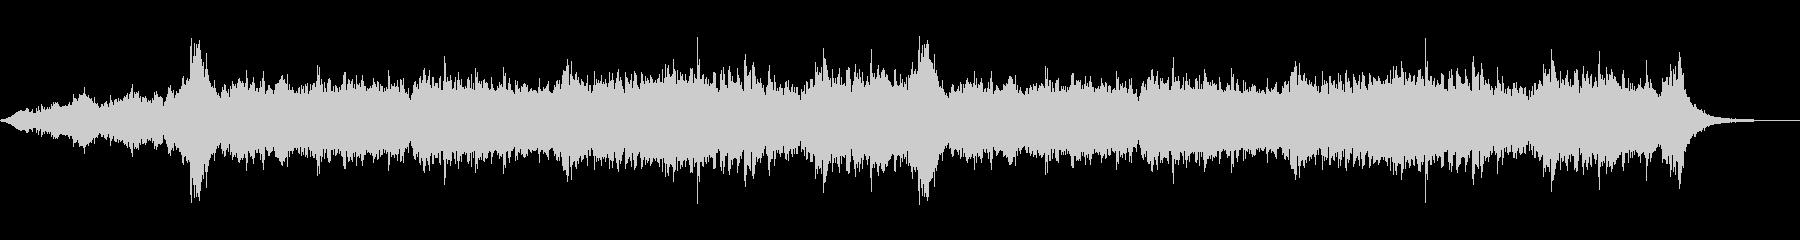 ループピアノオクターブとシンセソロ...の未再生の波形